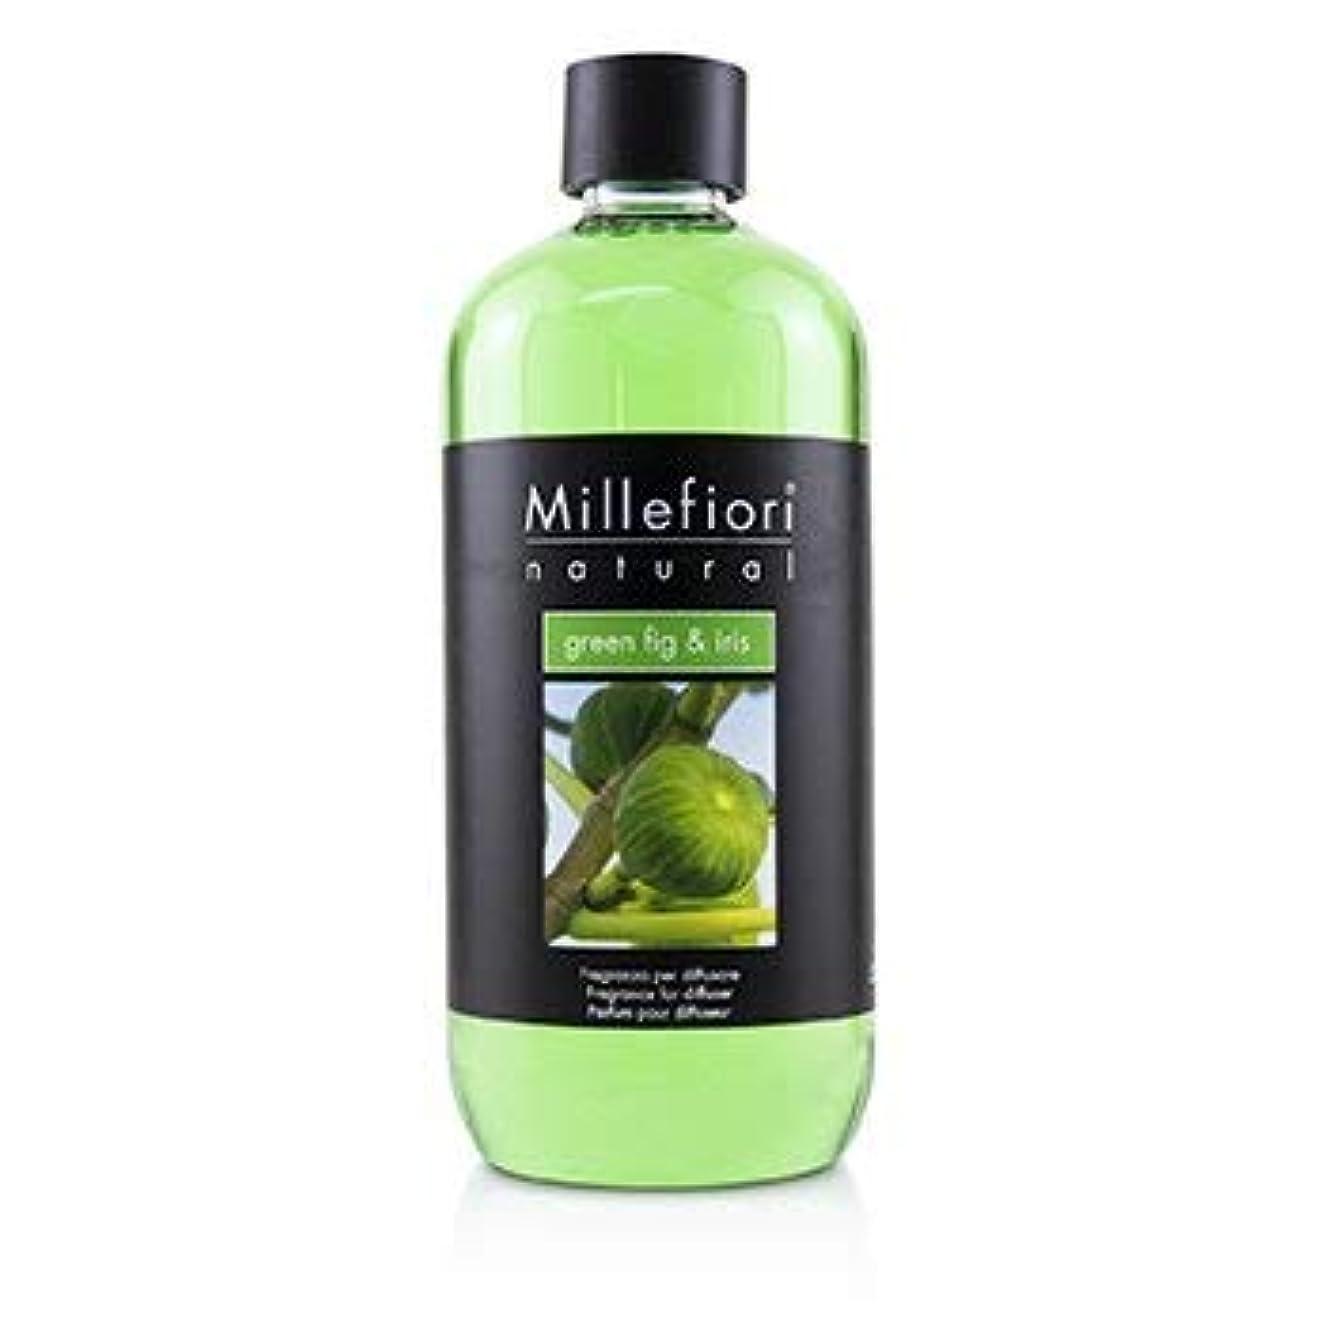 マーカー講義葉っぱミッレフィオーリ Natural Fragrance Diffuser Refill - Green Fig & Iris 500ml/16.9oz並行輸入品